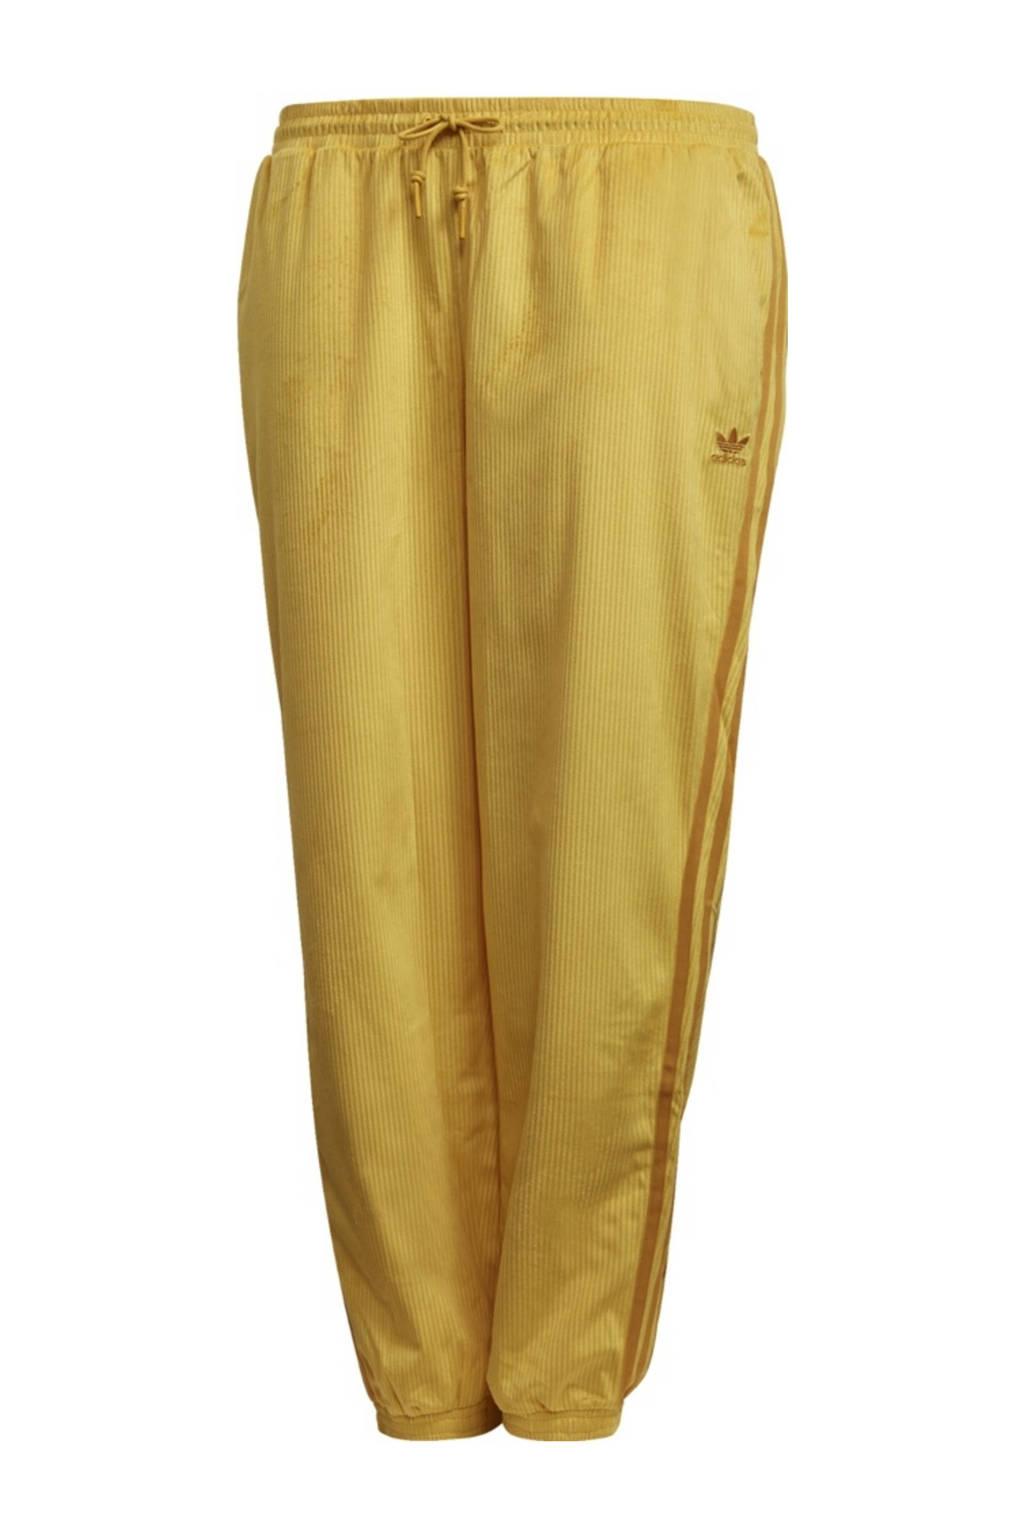 adidas Originals Plus Size Corduroy trainingsbroek geel, Geel